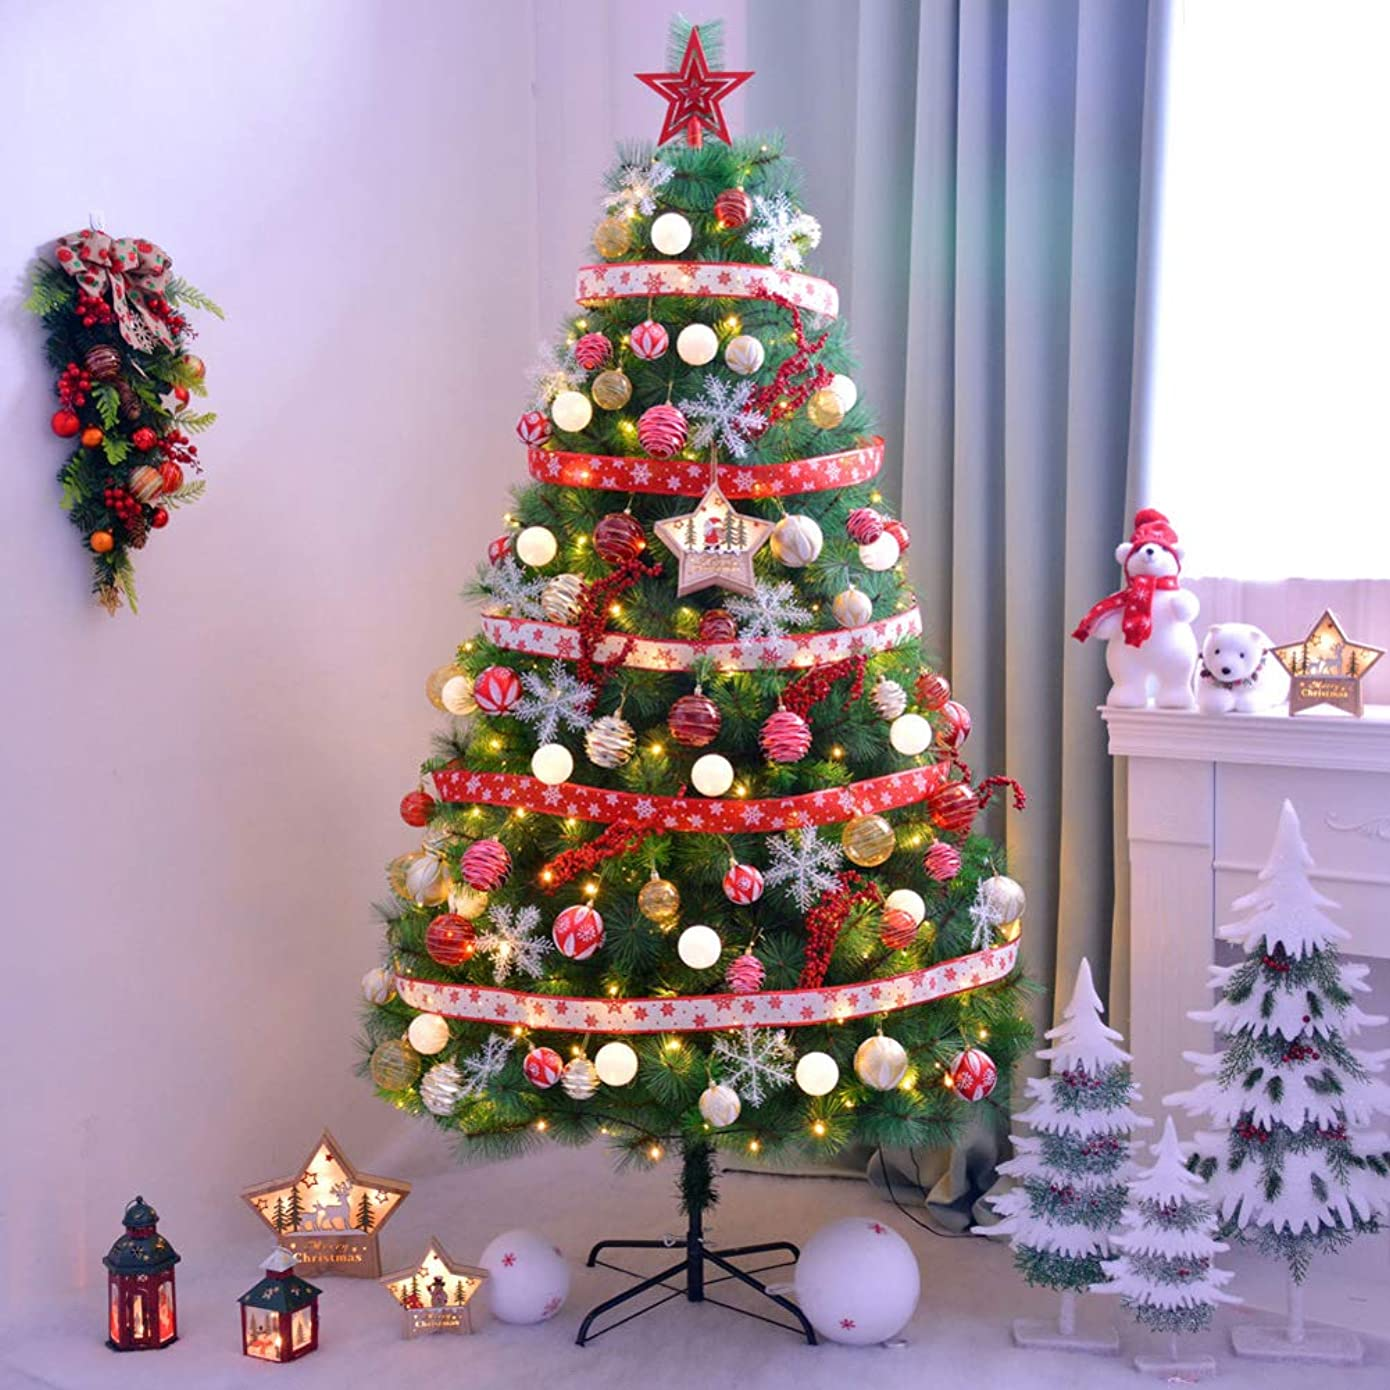 黙認するどれでも眩惑する6Ft 前-装飾 人工 クリスマスツリー ヒンジ 固体 金属製スタンド 式 クリスマス ツリー の屋内 休日- 150cm(59inch)